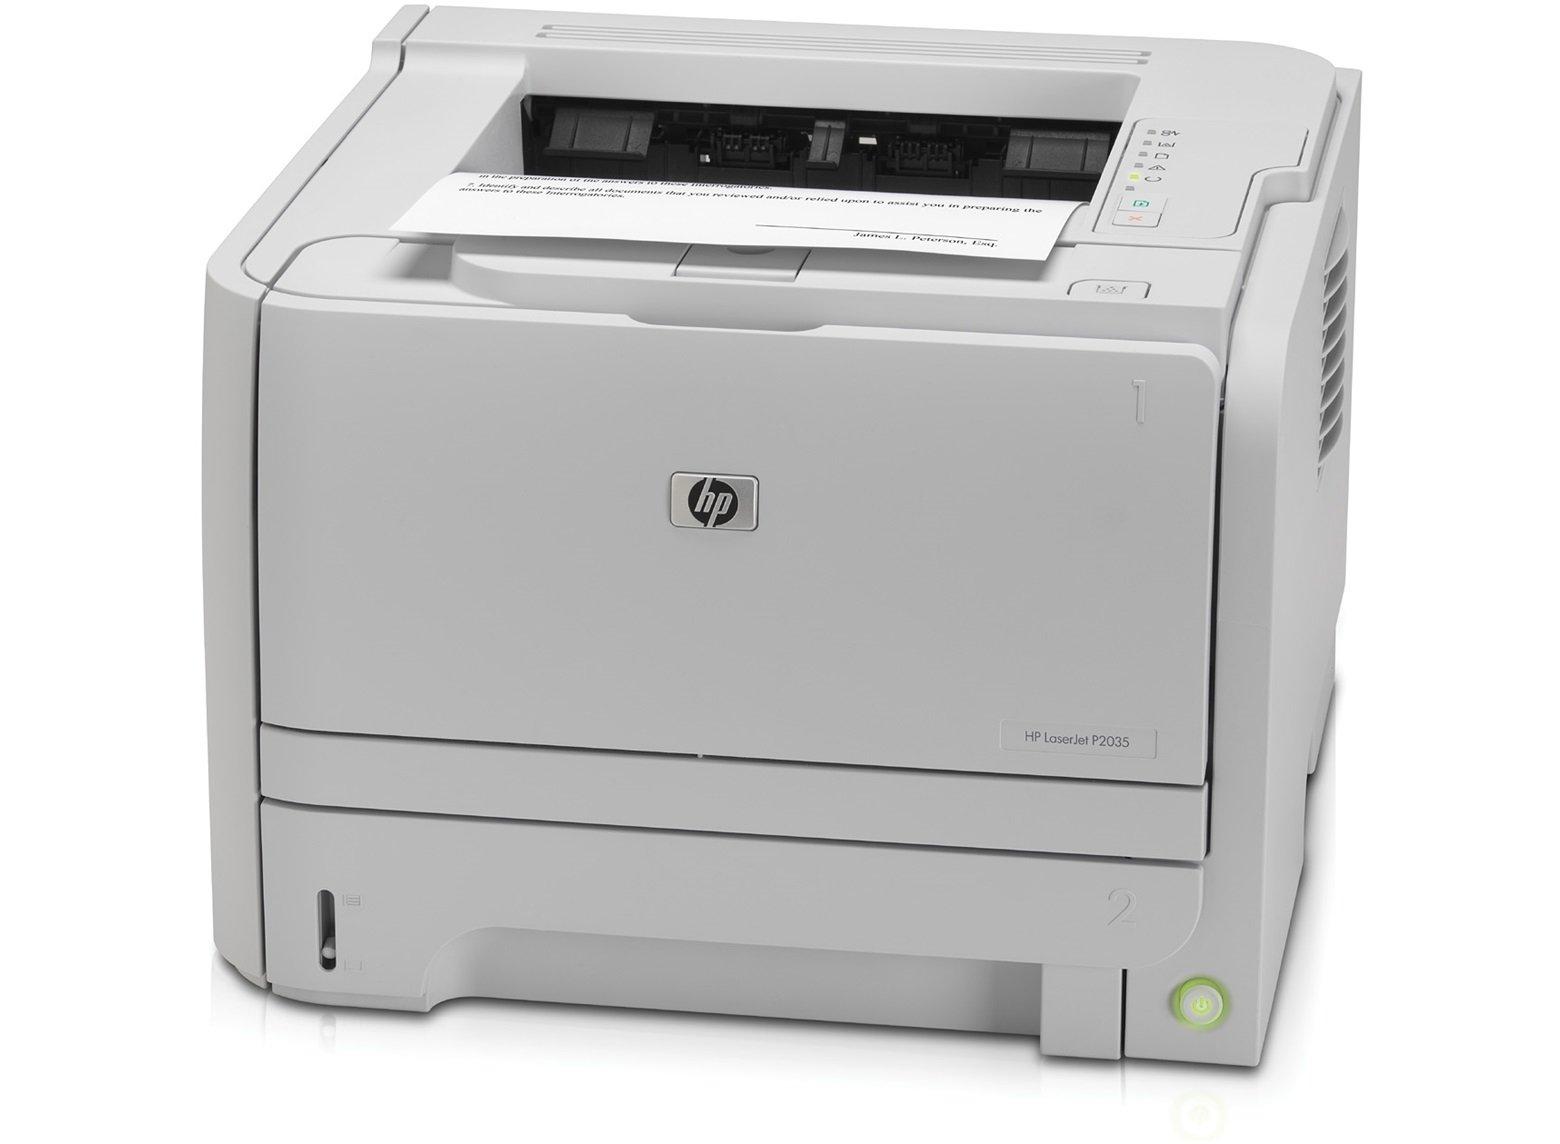 HP Refurbish LaserJet P2035 Laser Printer (CE461A) - (Renewed)